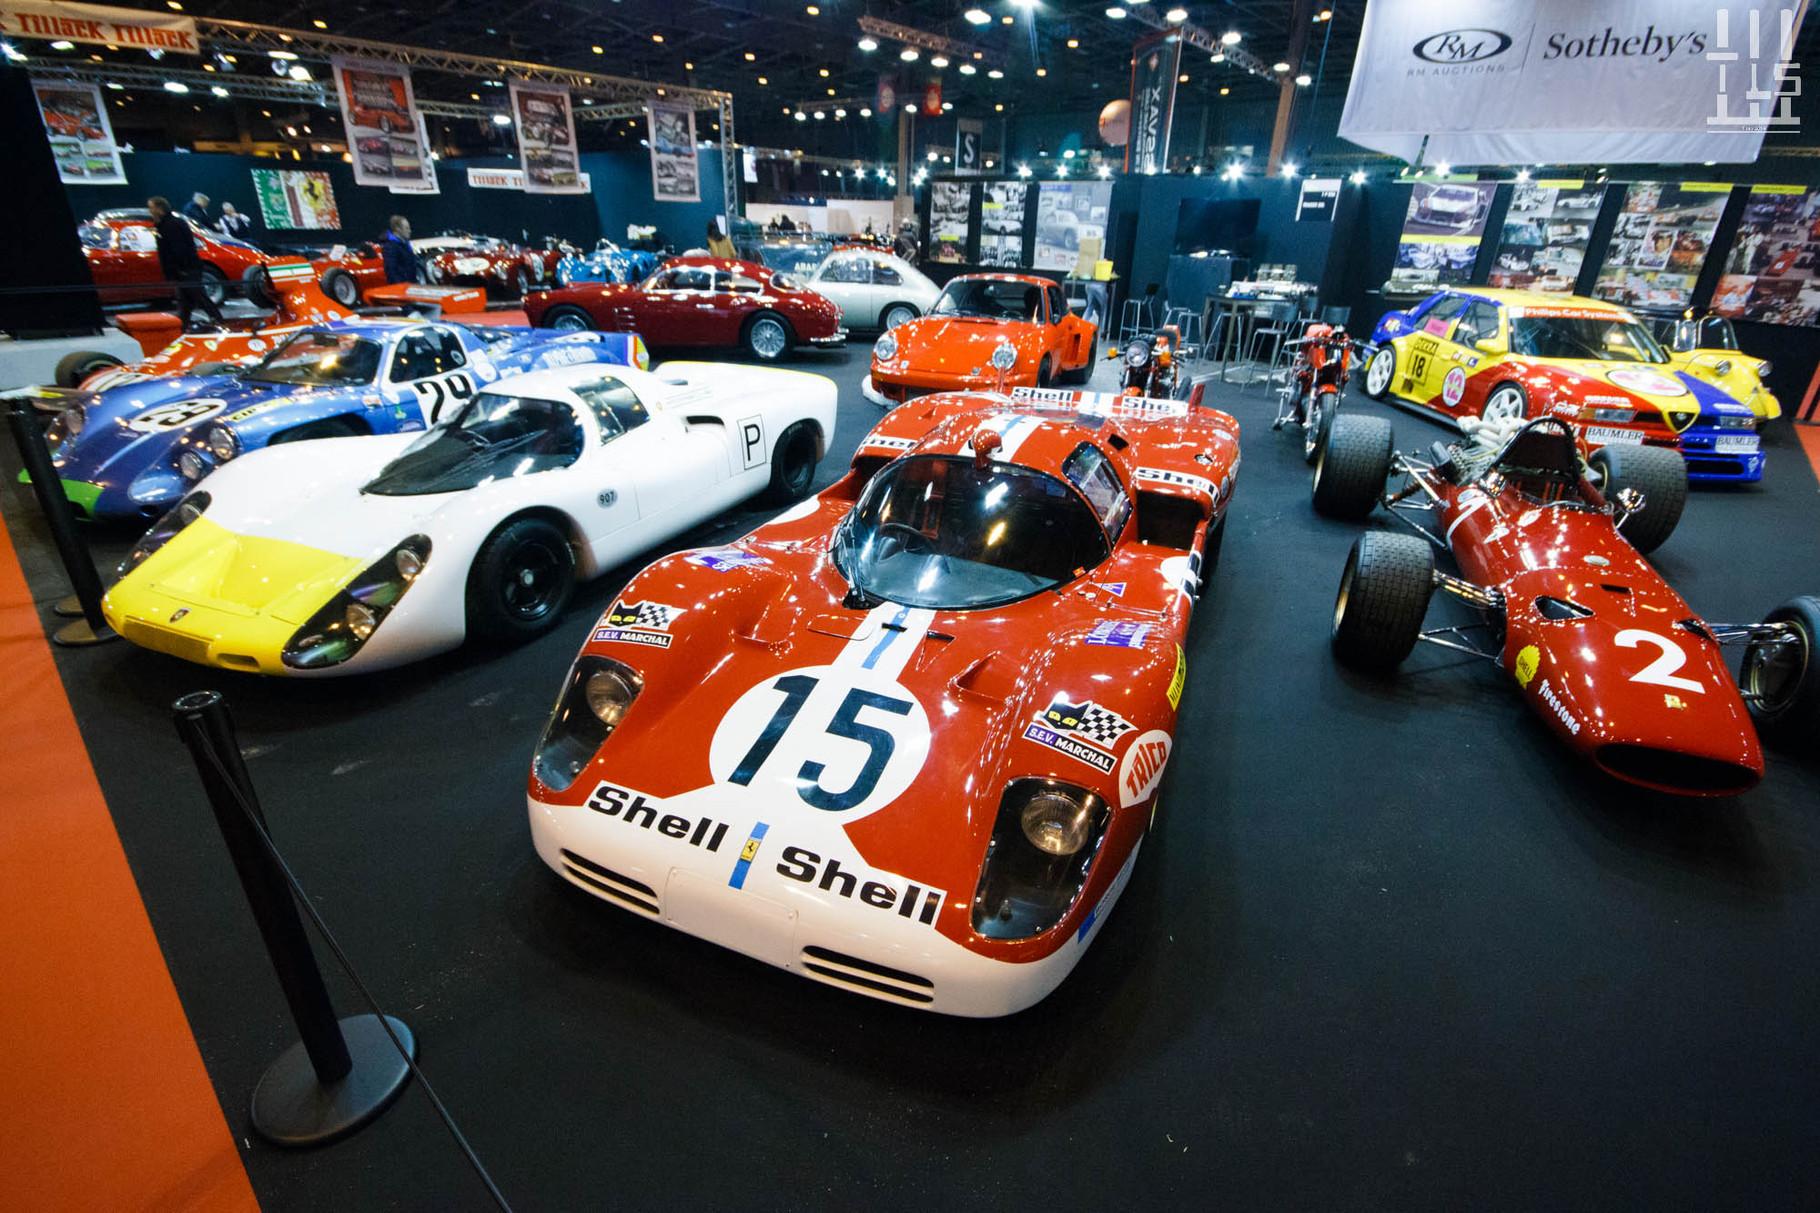 Le stand Tradex est rempli de merveilles : Porsche 907 031, Ferrari 512S 1016, Ferrari 312 F1 007, Alpine A220, ... Décidément cette cuvée 2016 de Rétromobile est un très bon cru.